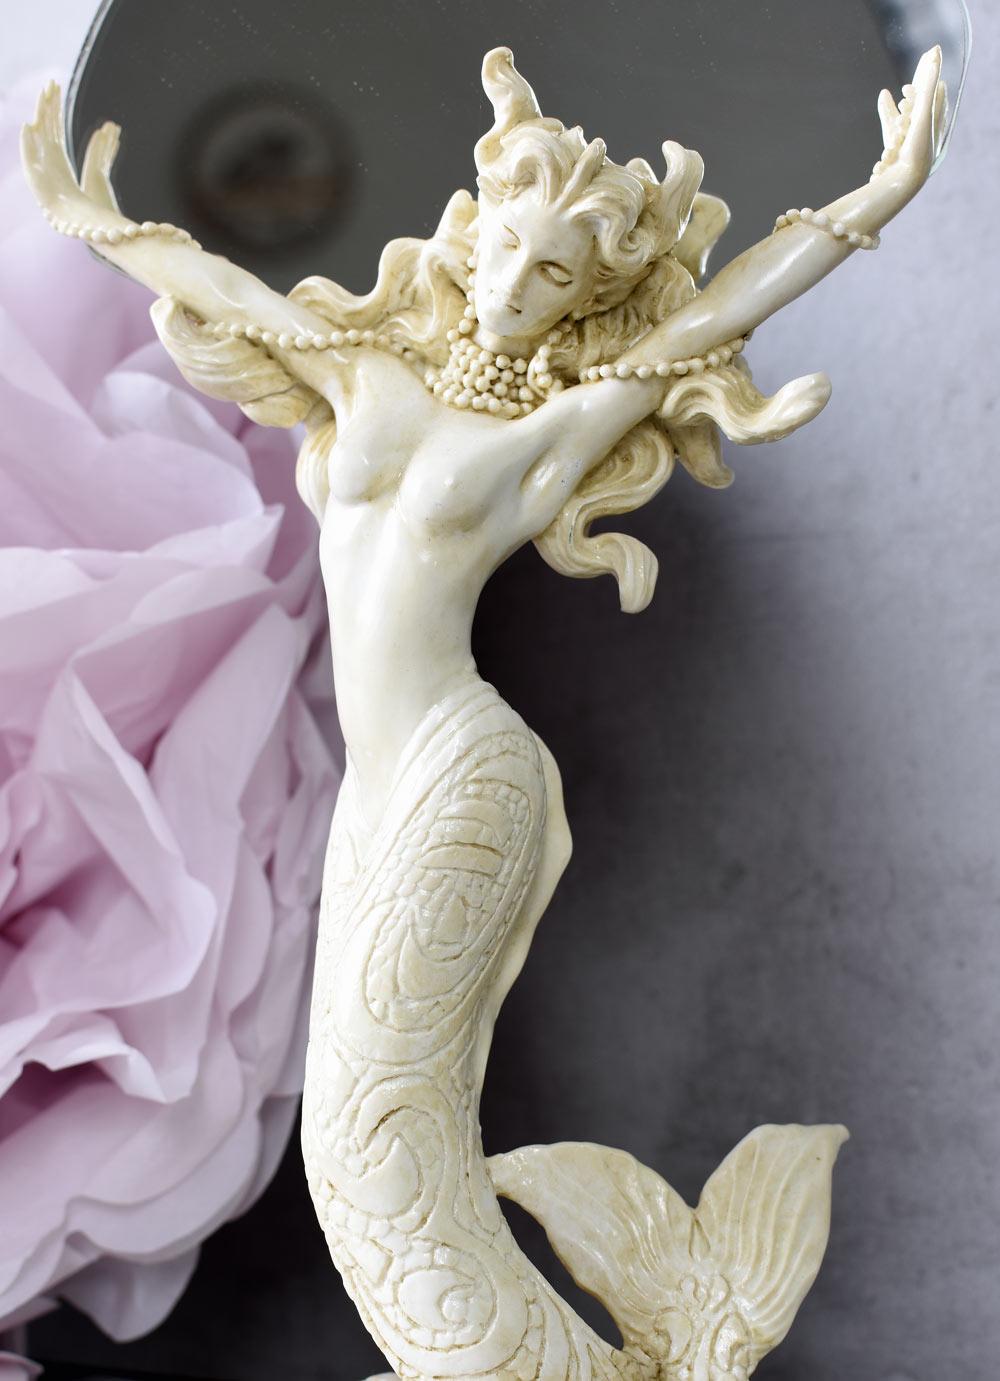 Jugendstil Spiegel Meerjungfrau Tischspiegel Dekospiegel Weiss Frauenfigur Nixe